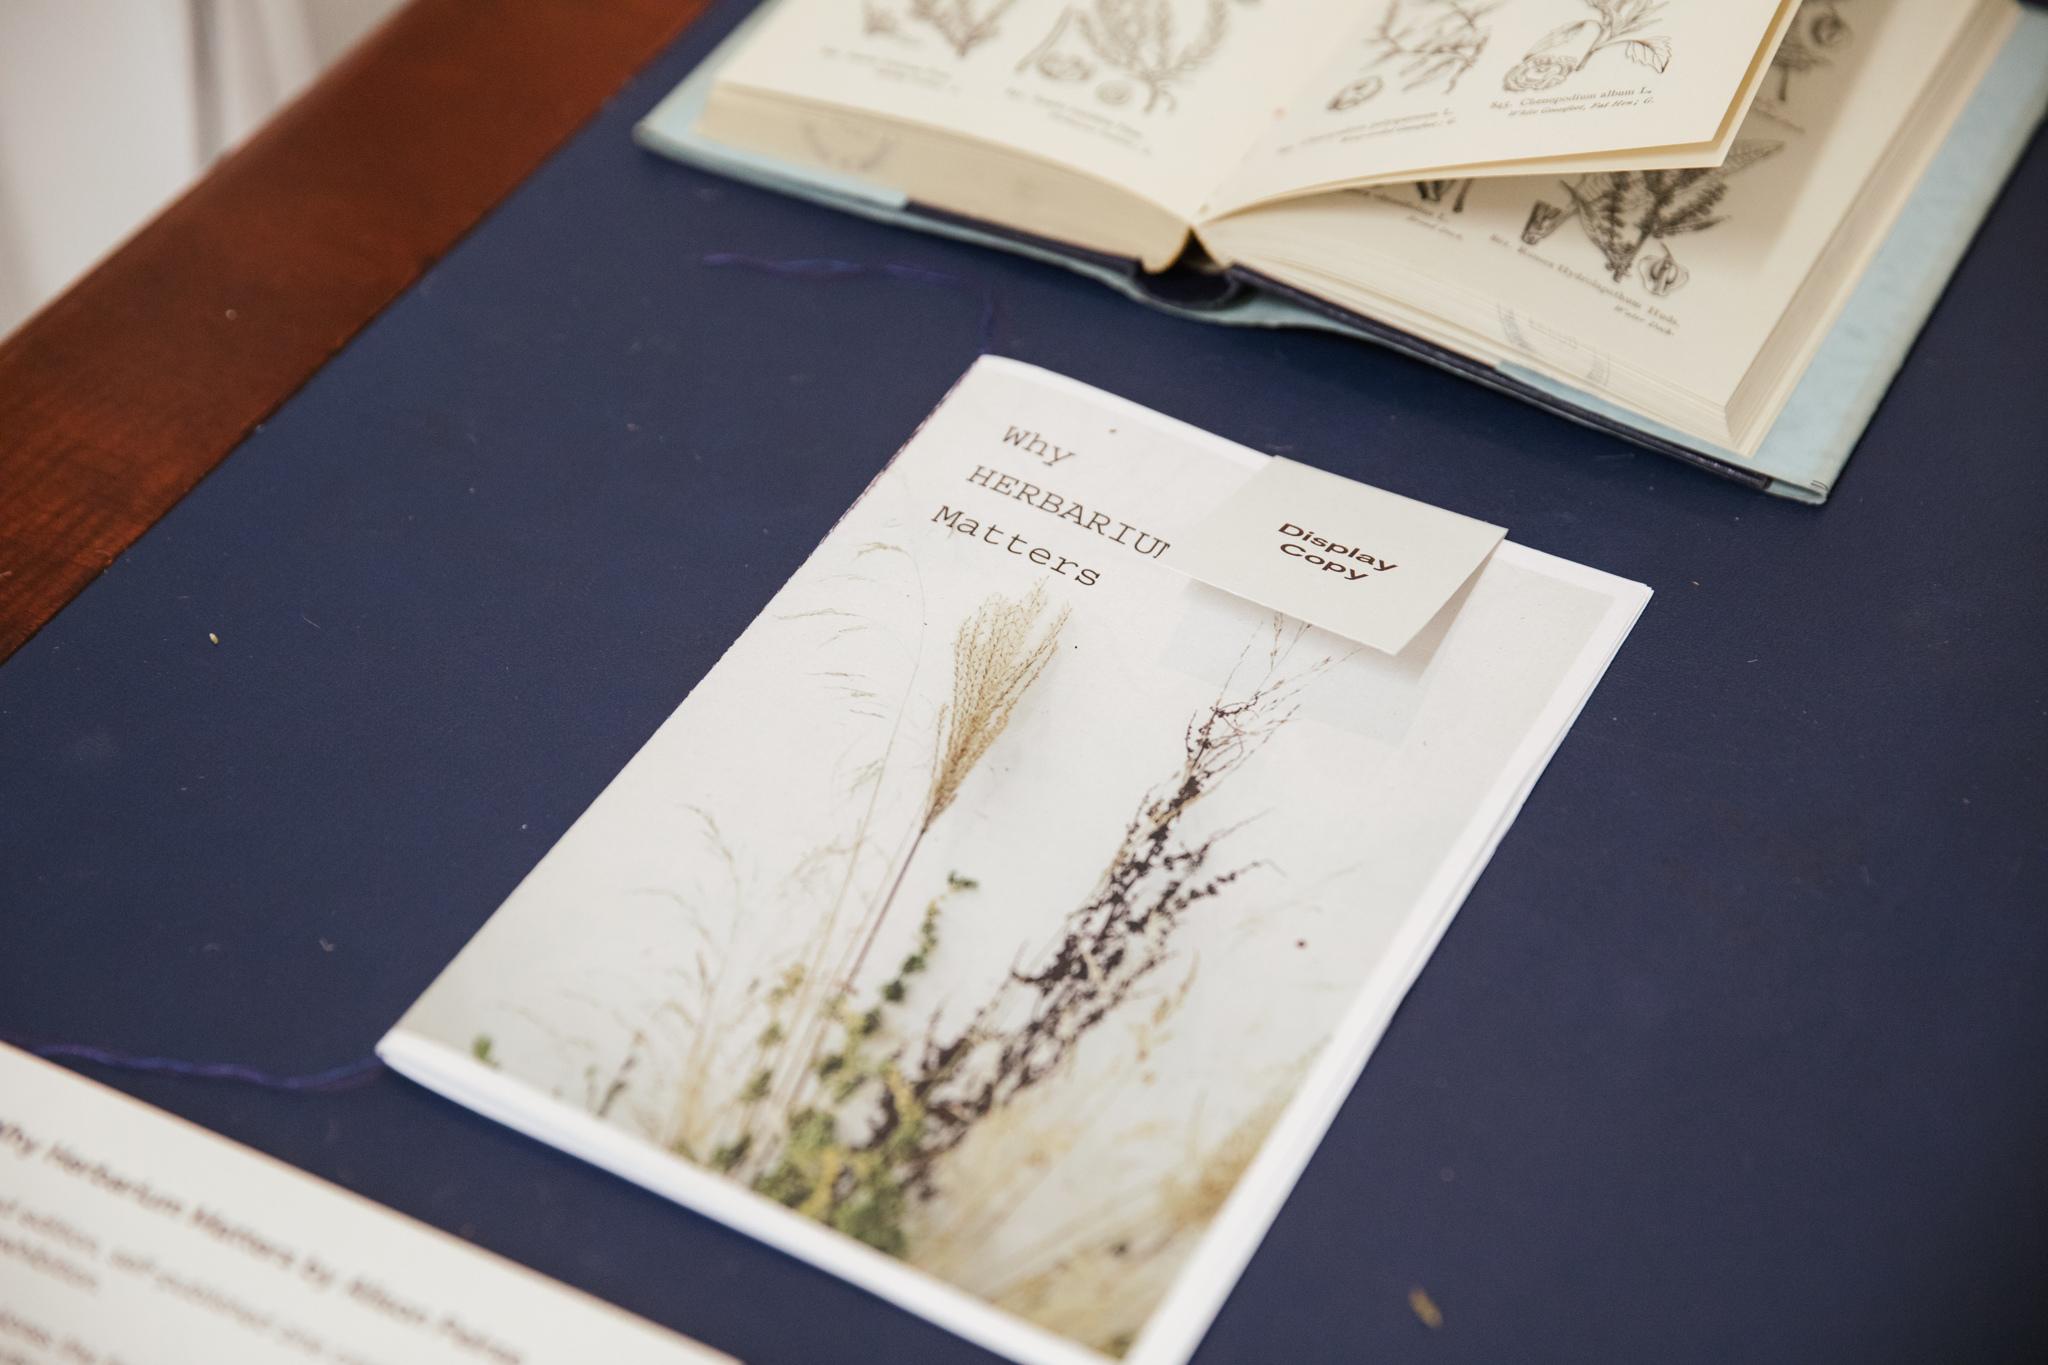 Herbarium_Joanne-Crawford-6807.JPG